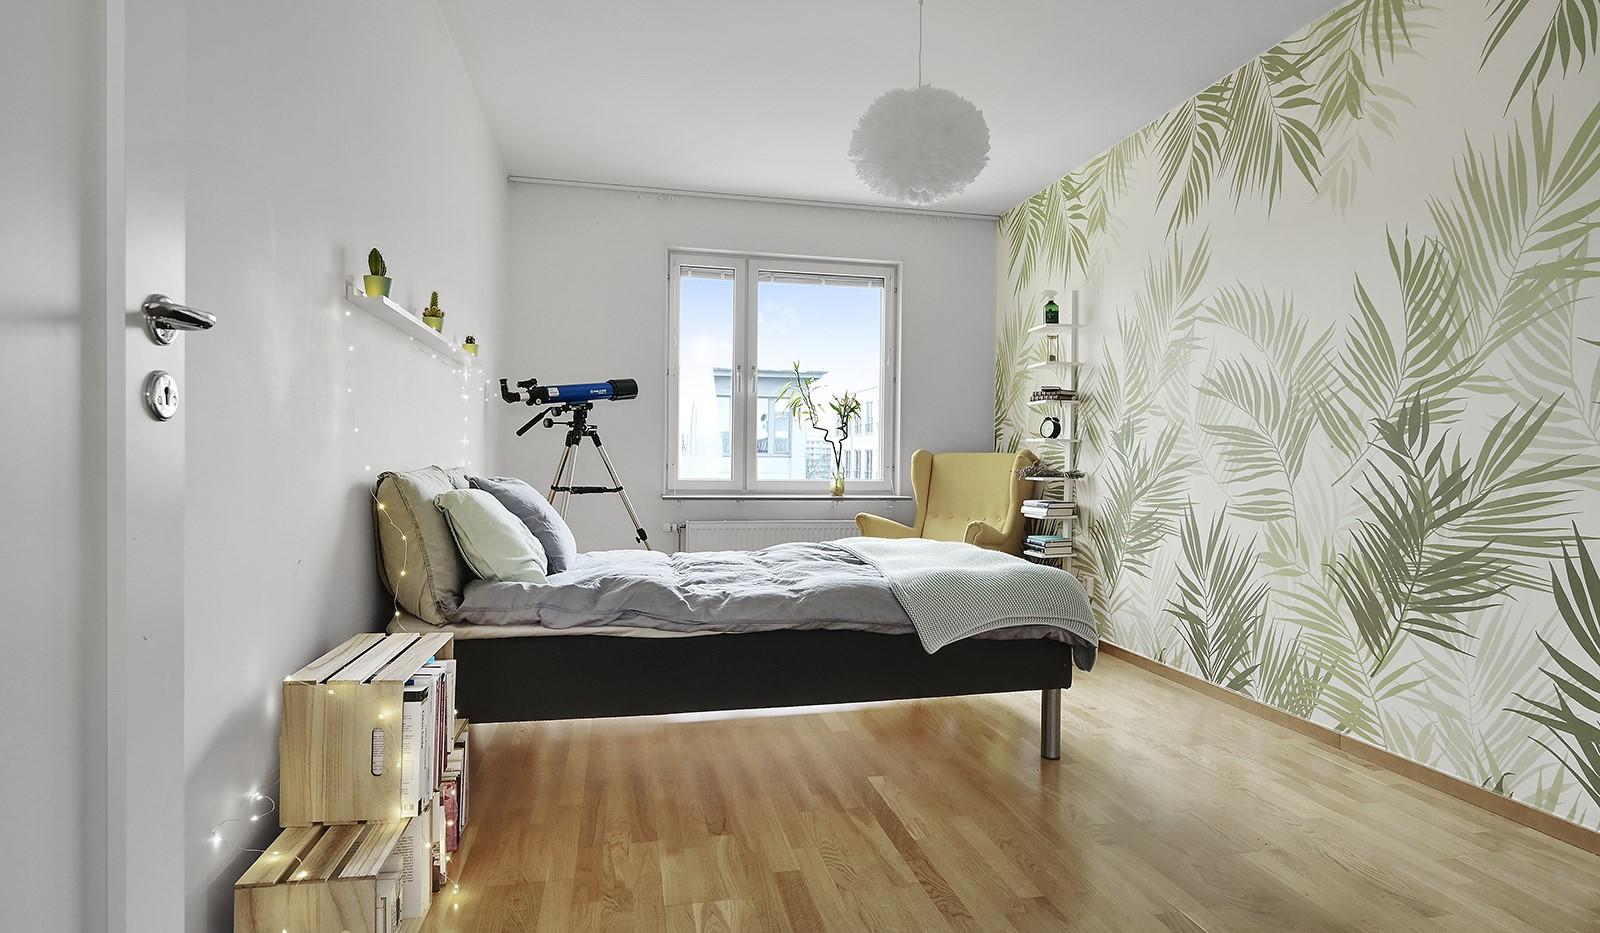 Marieviksgatan 38, 6 tr - Sovrummet är väl tilltaget och rymmer gott om förvaring